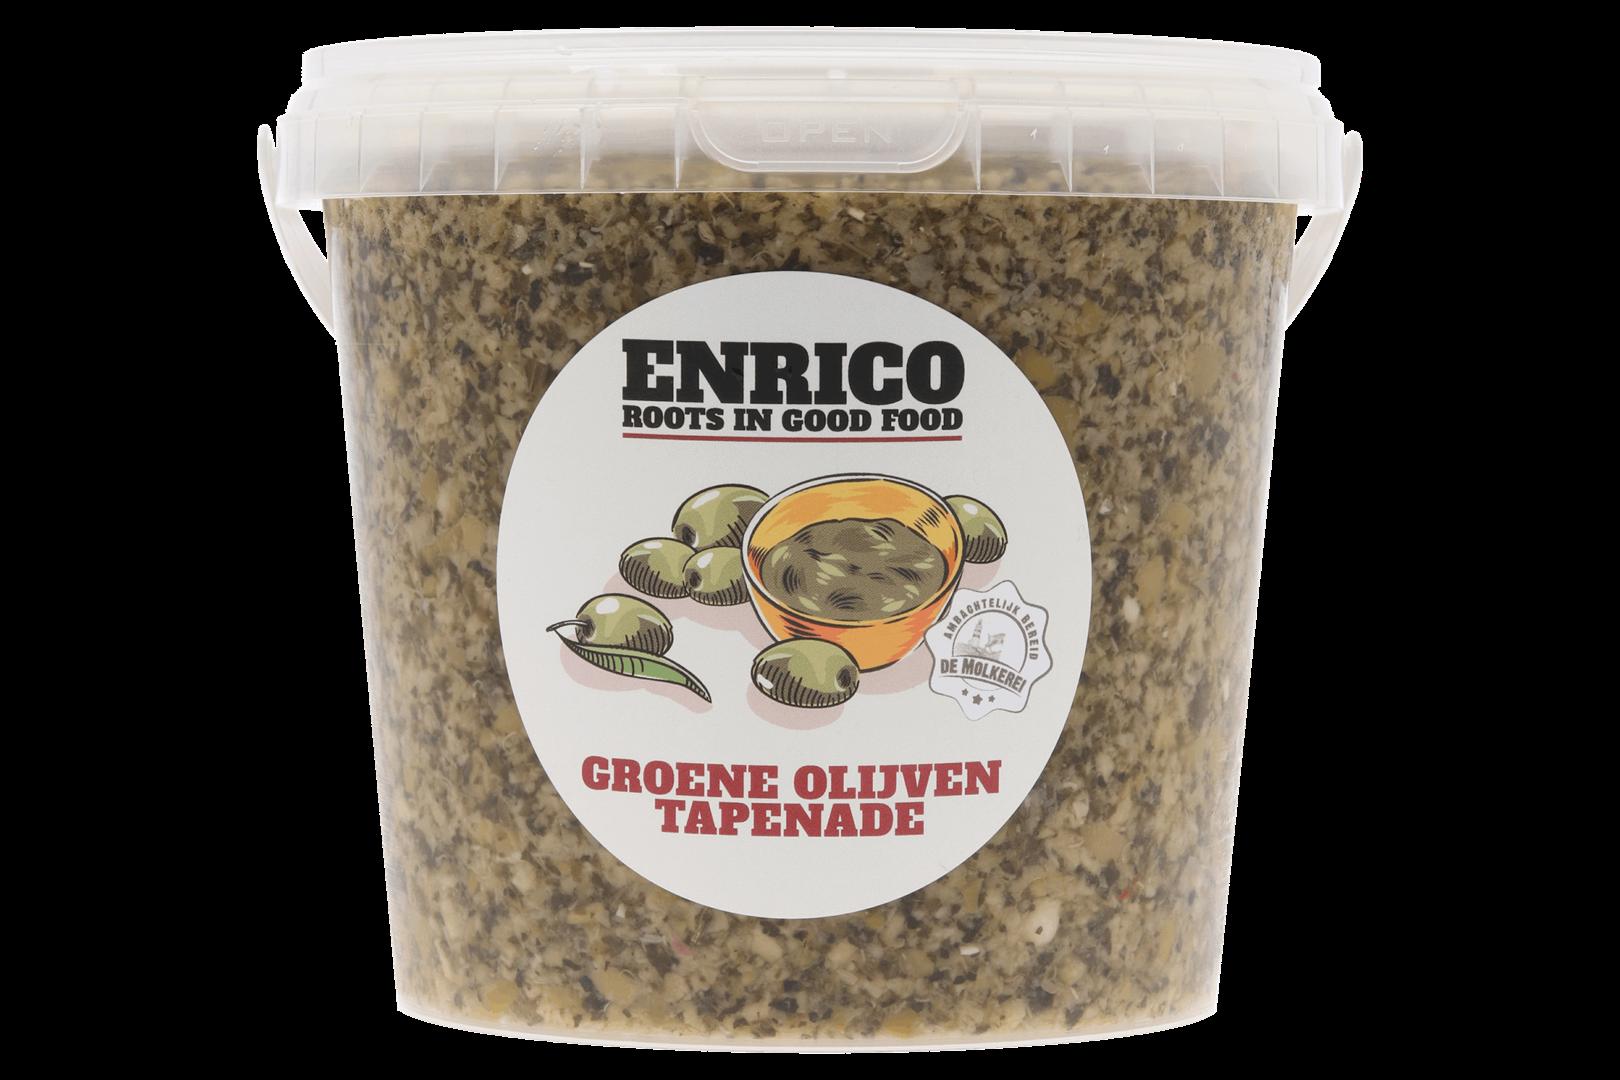 Productafbeelding Tapenade groene olijven koelvers 1000 gram